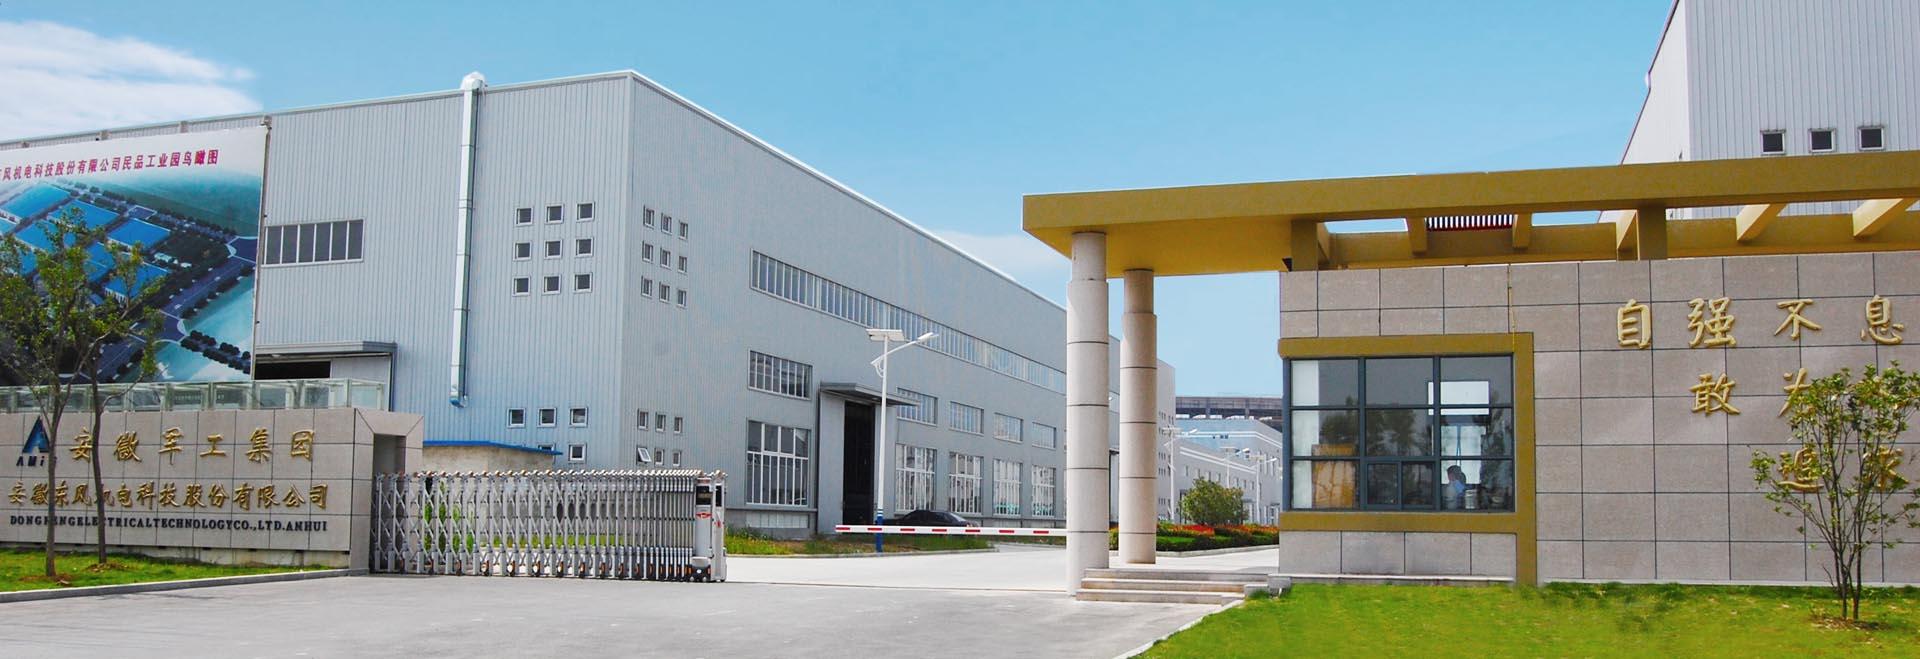 安徽东风机电科技股份有限公司